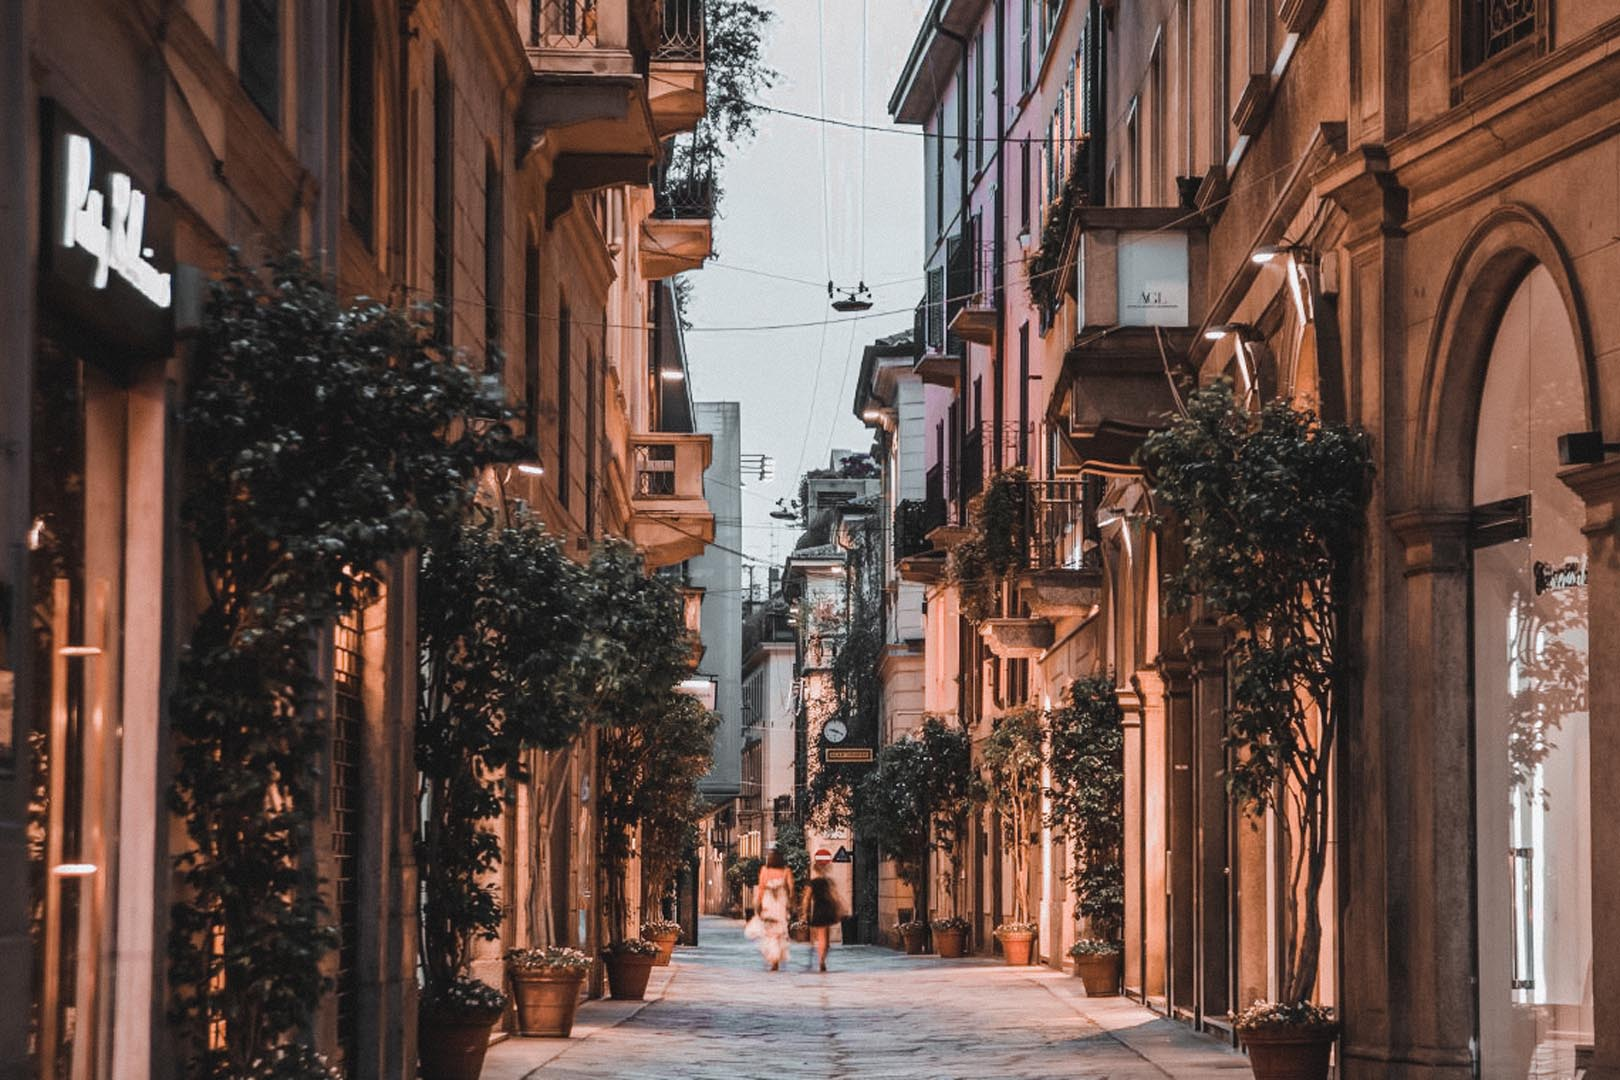 Le_Migliori_Passeggiate_Milano